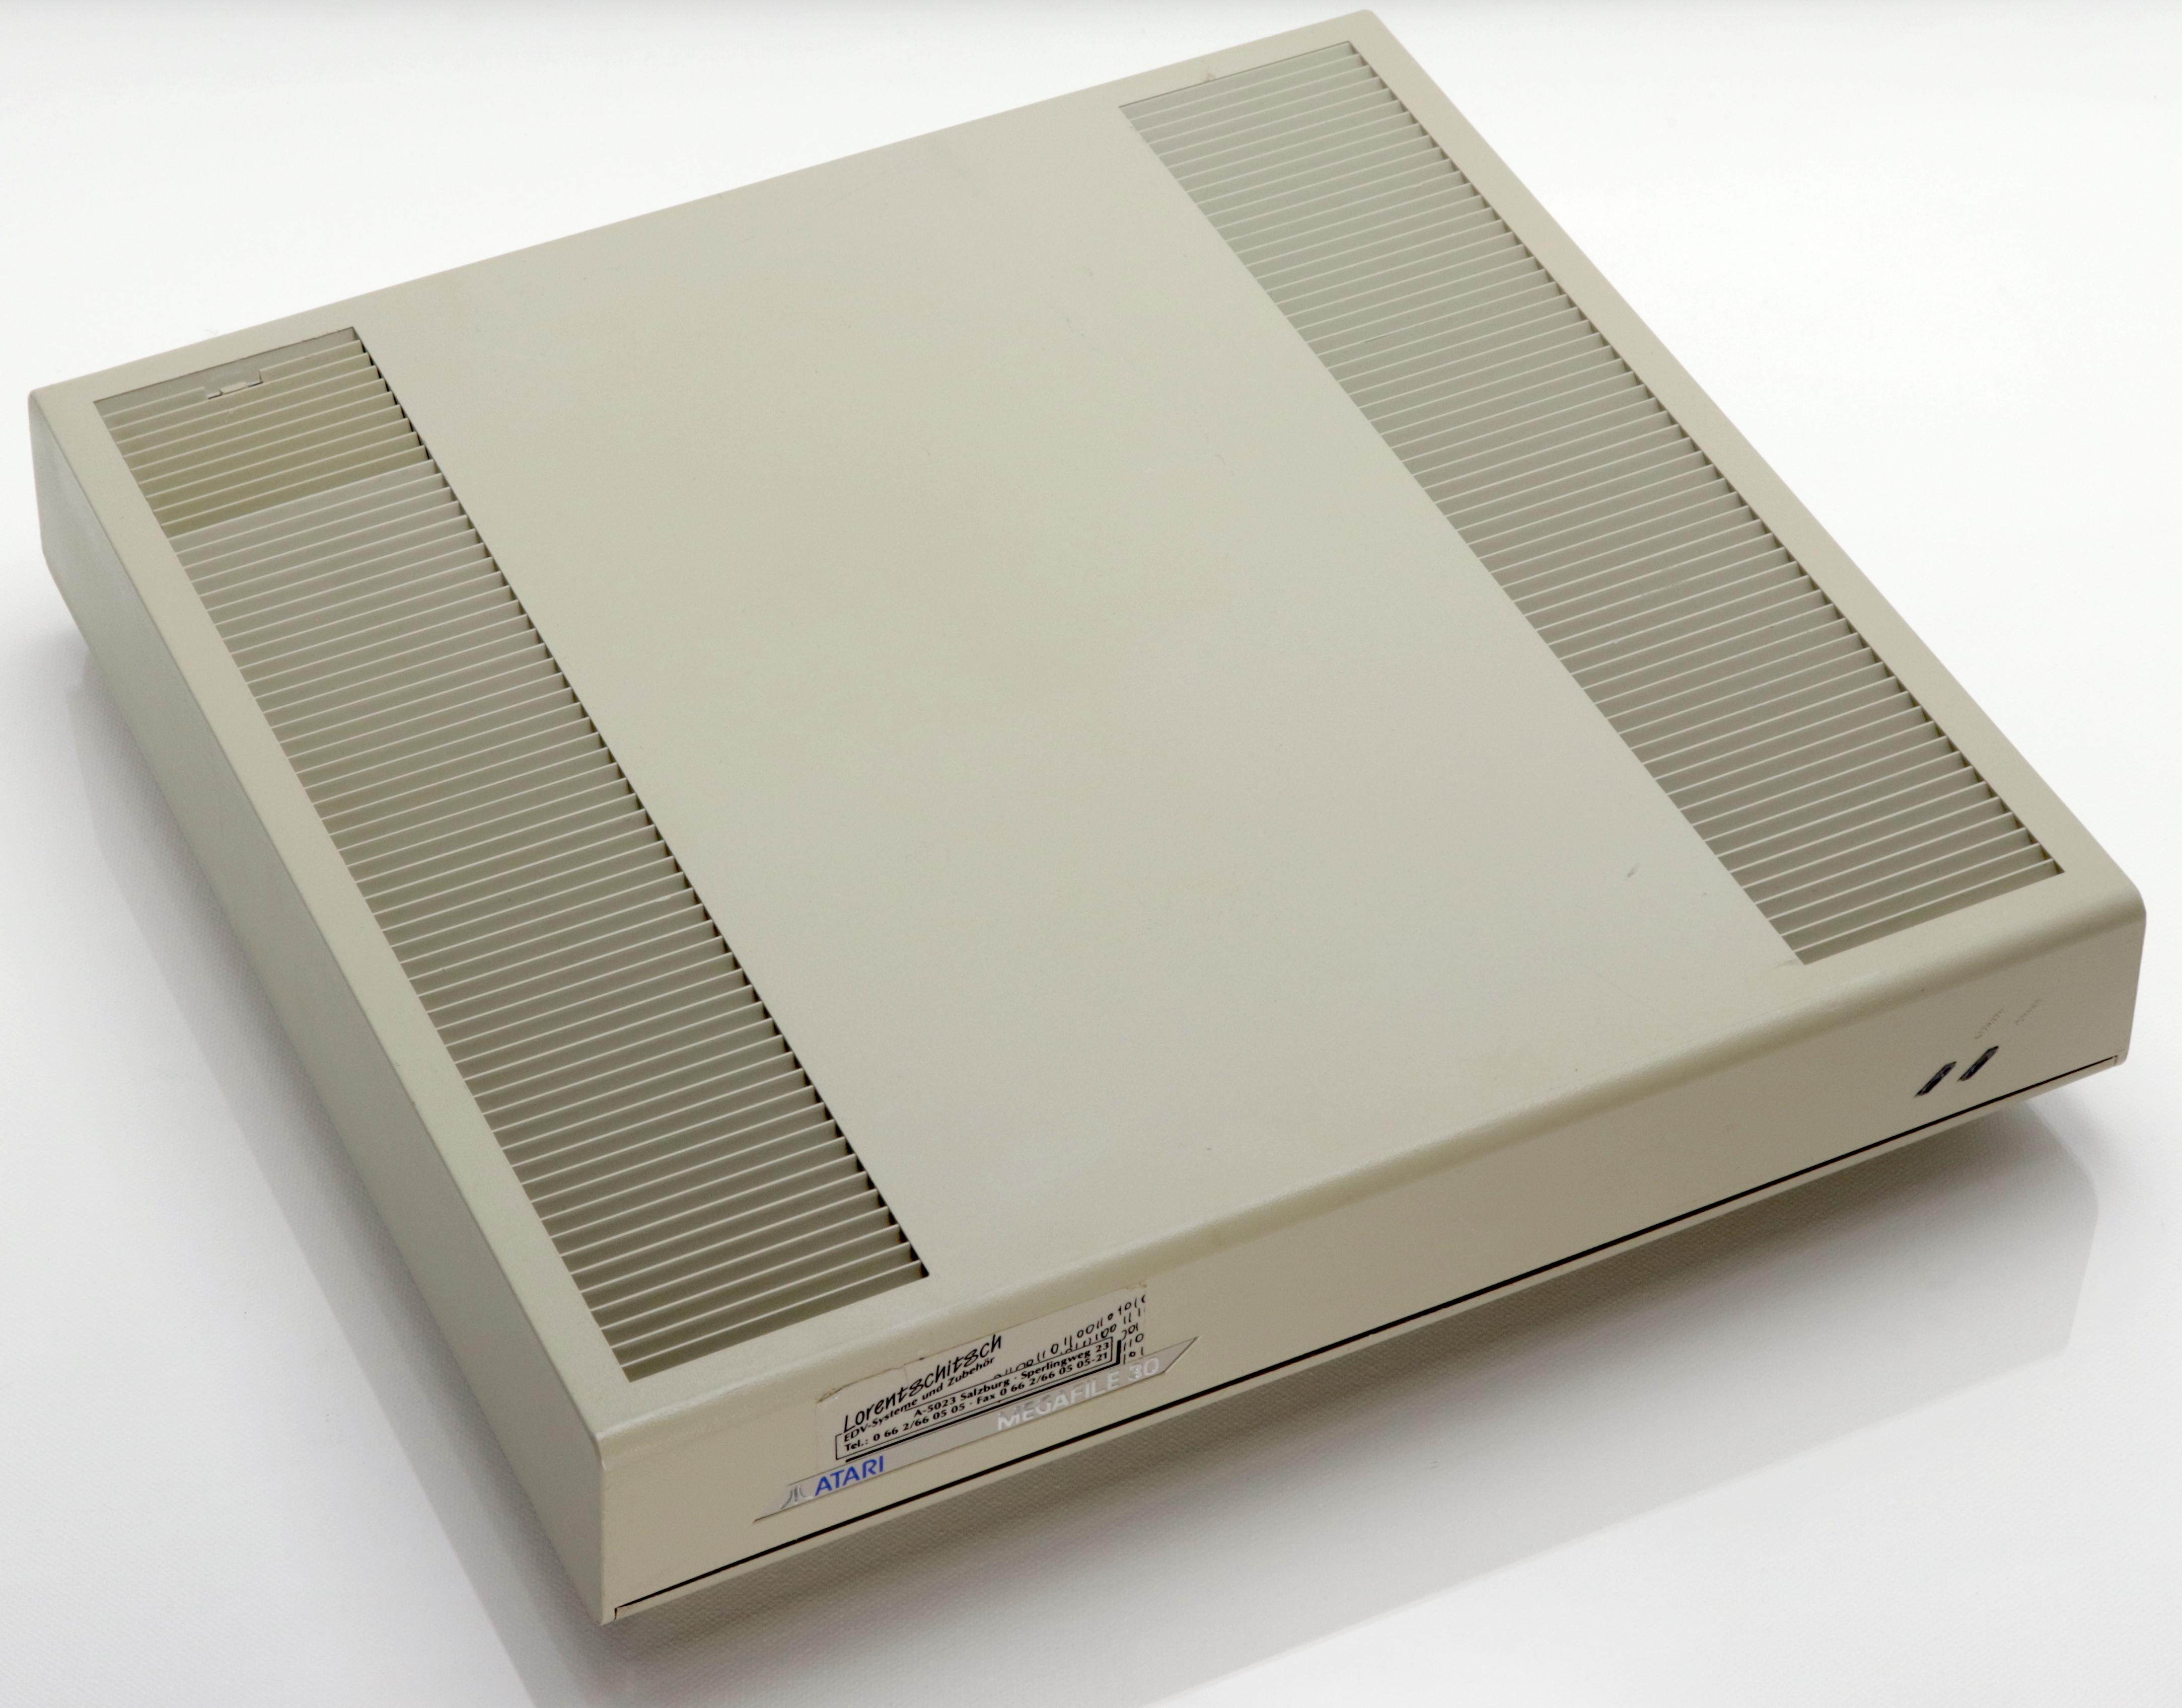 Atari Megafile 30 felülről